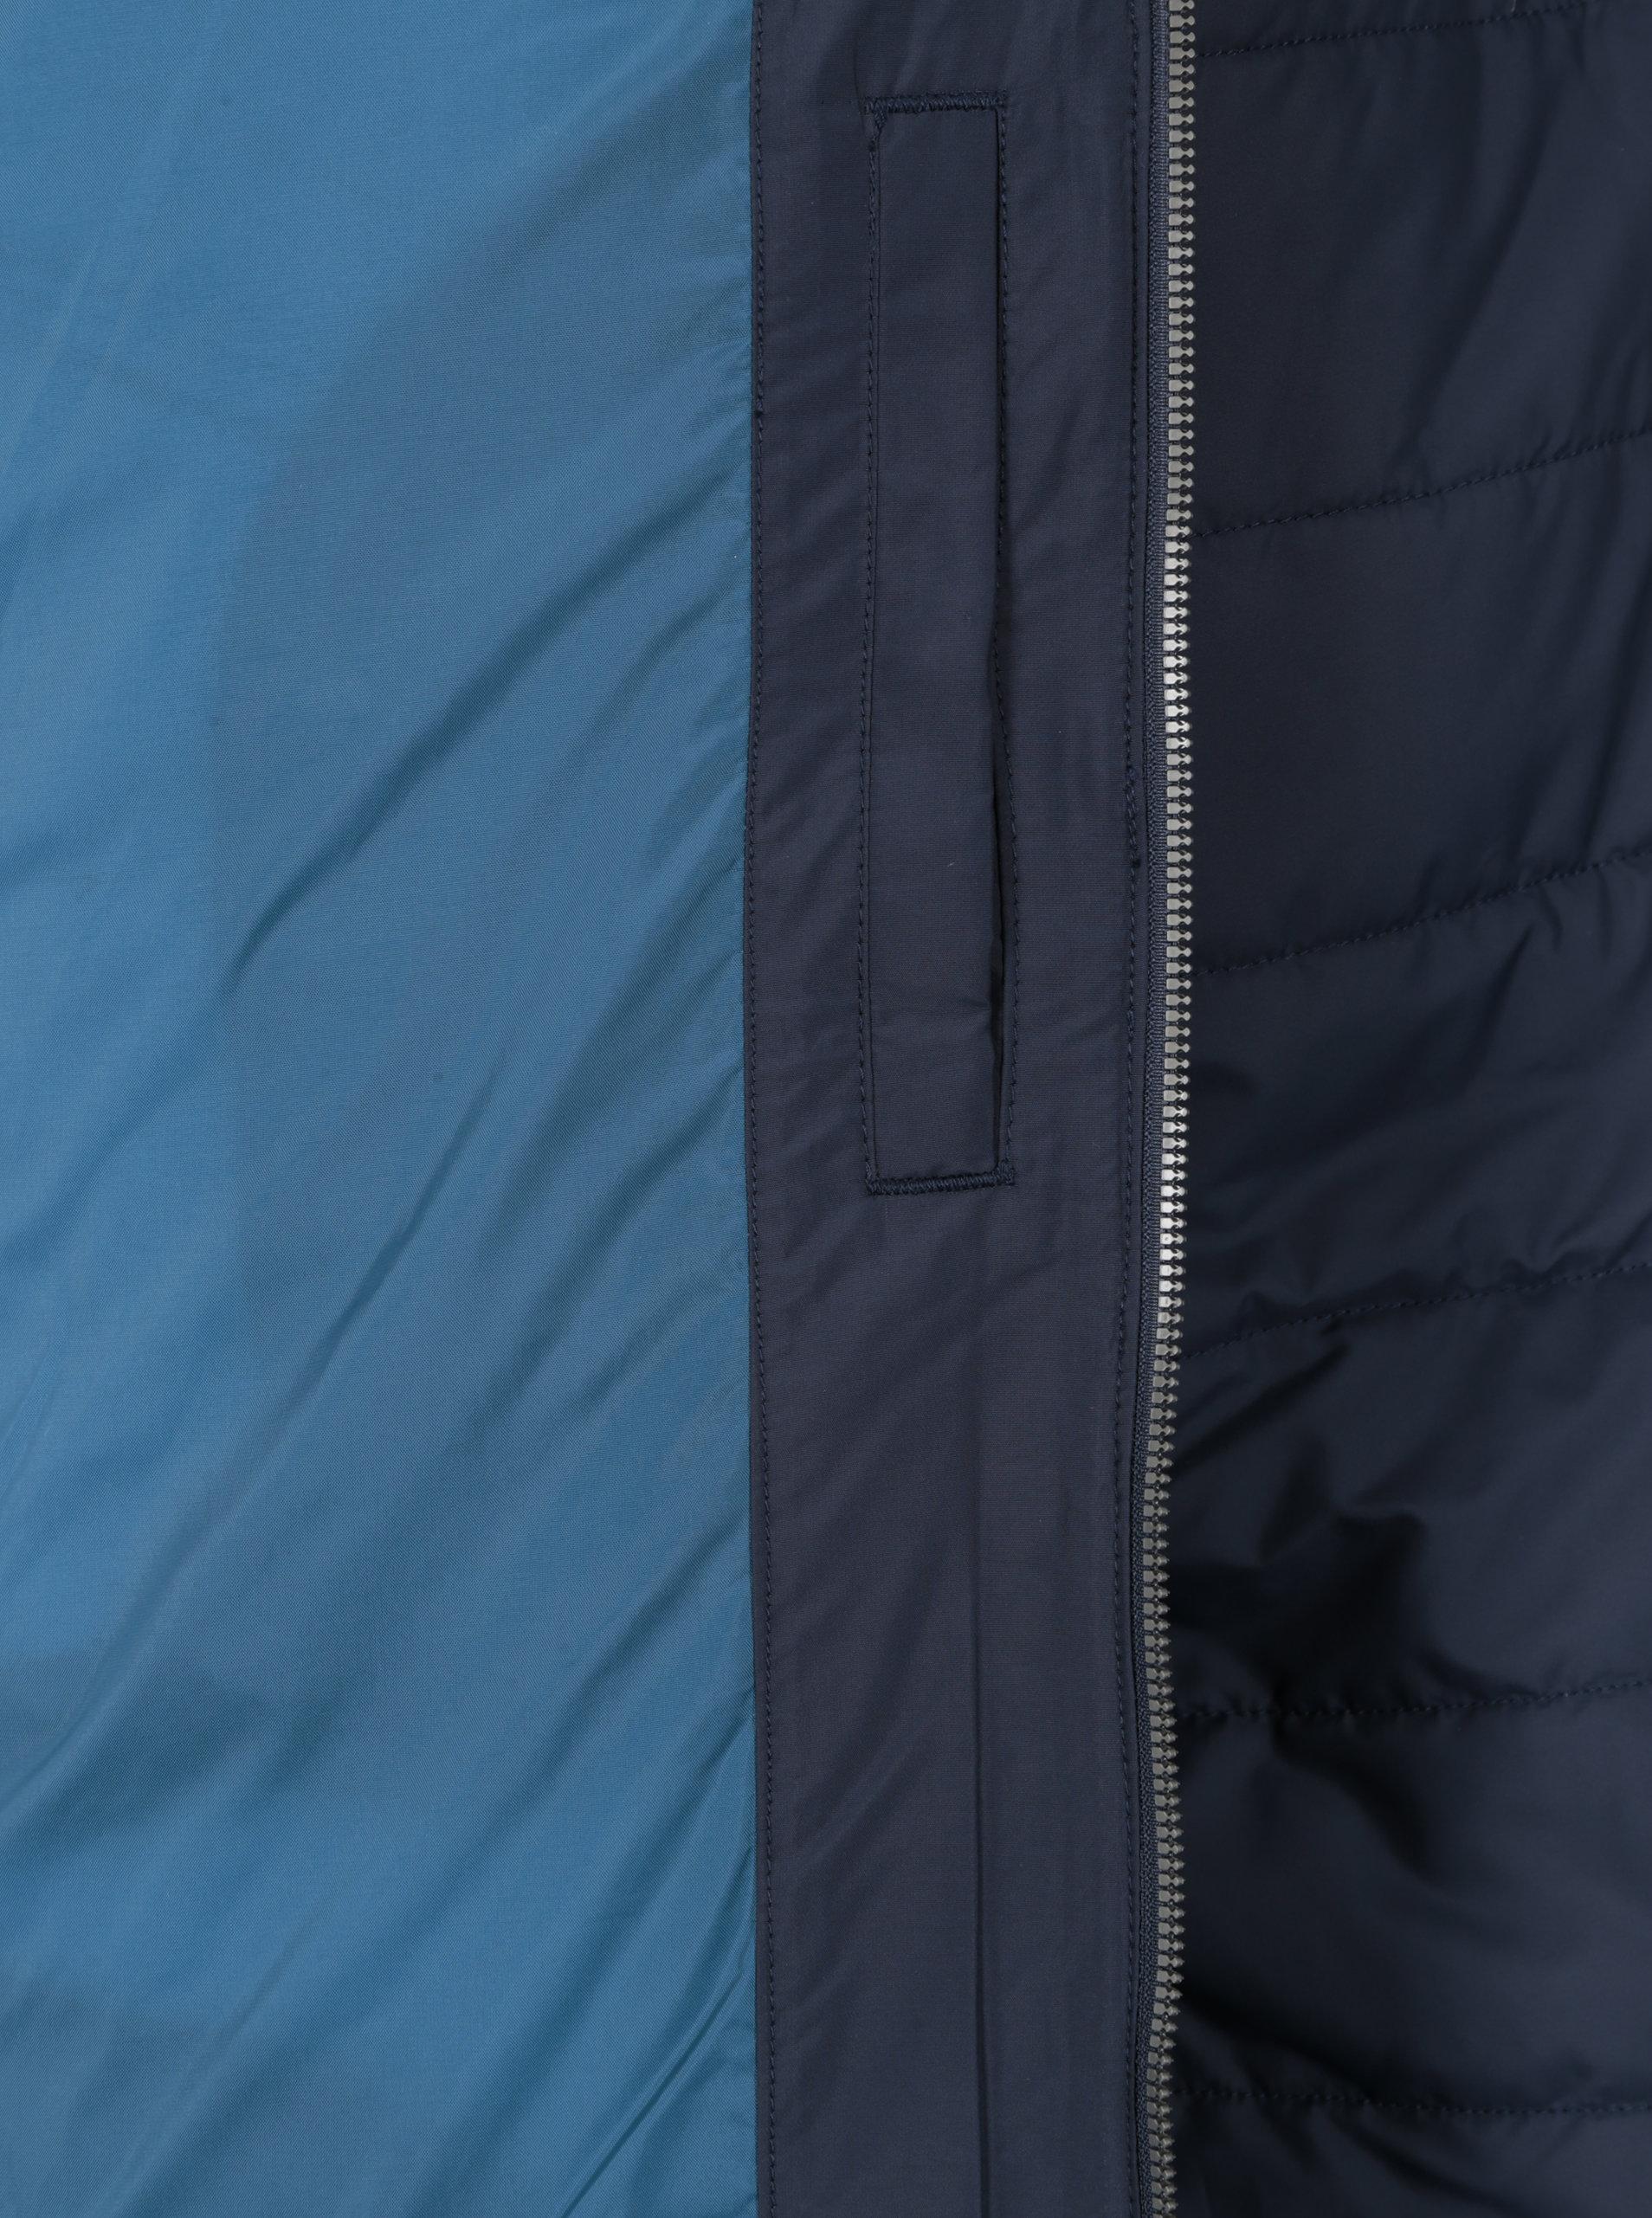 84c2a7b8f5 Tmavě modrá prošívaná vodoodpudivá bunda O Neill ...